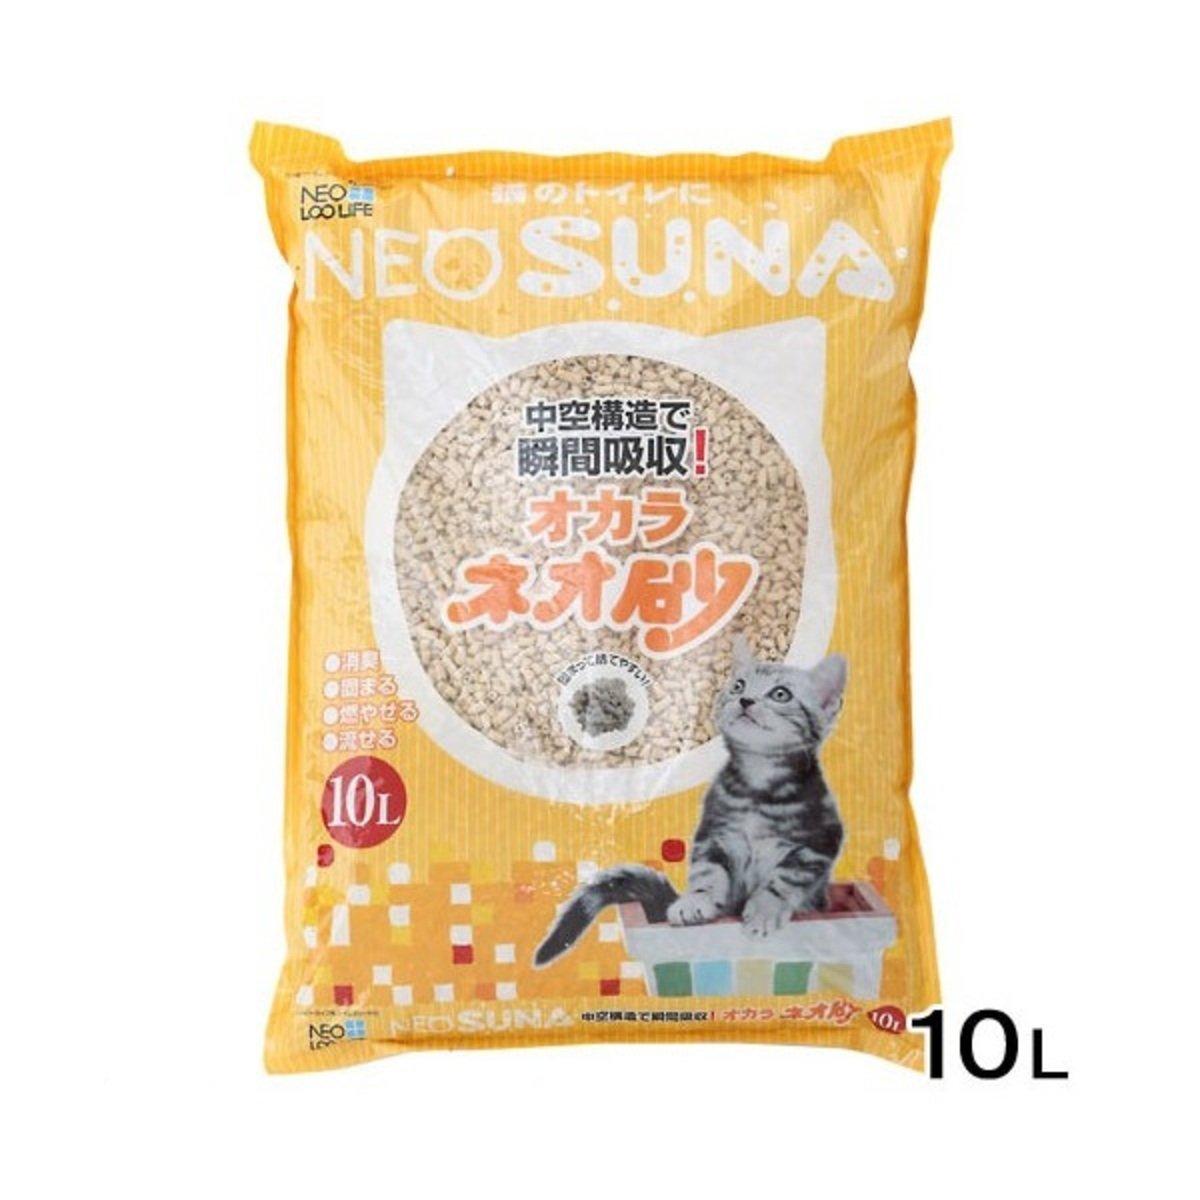 日本 NEO 通心豆腐貓砂 10L裝